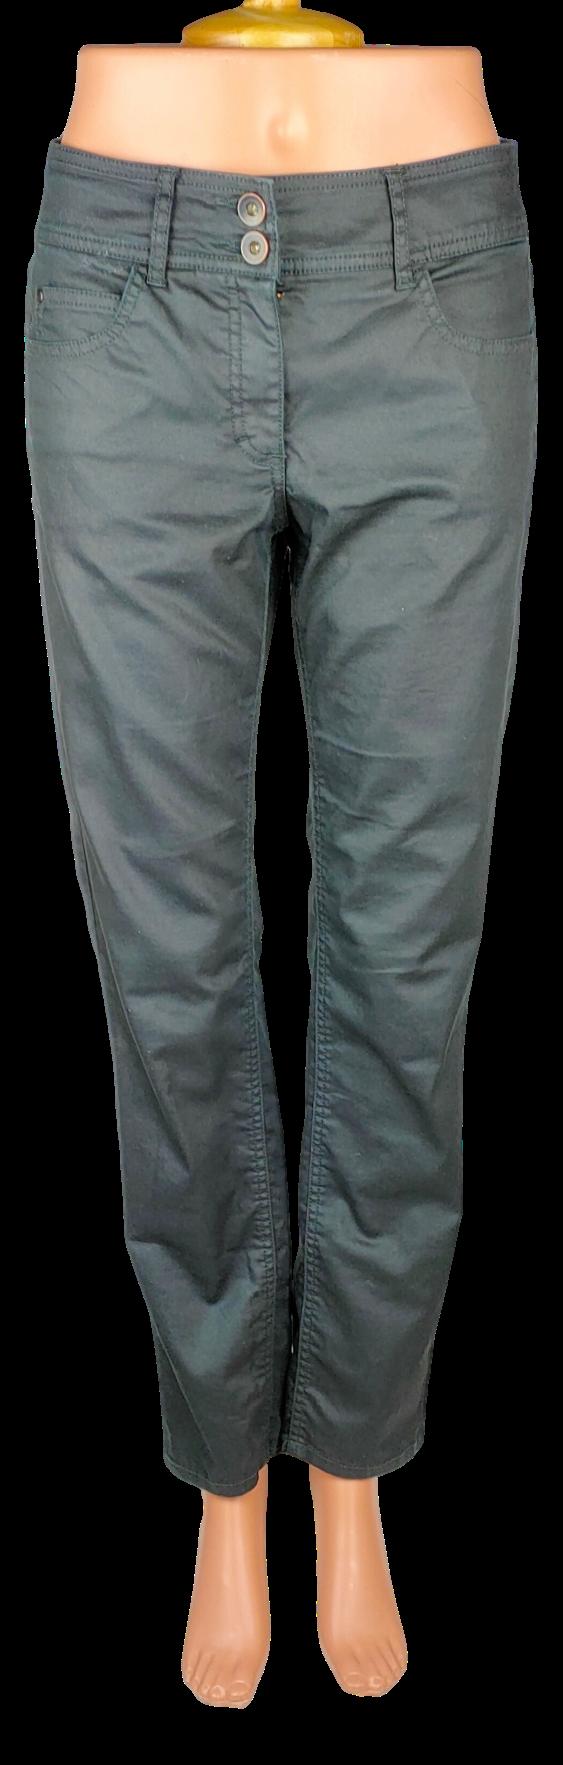 Pantalon Balsamik - Taille 38